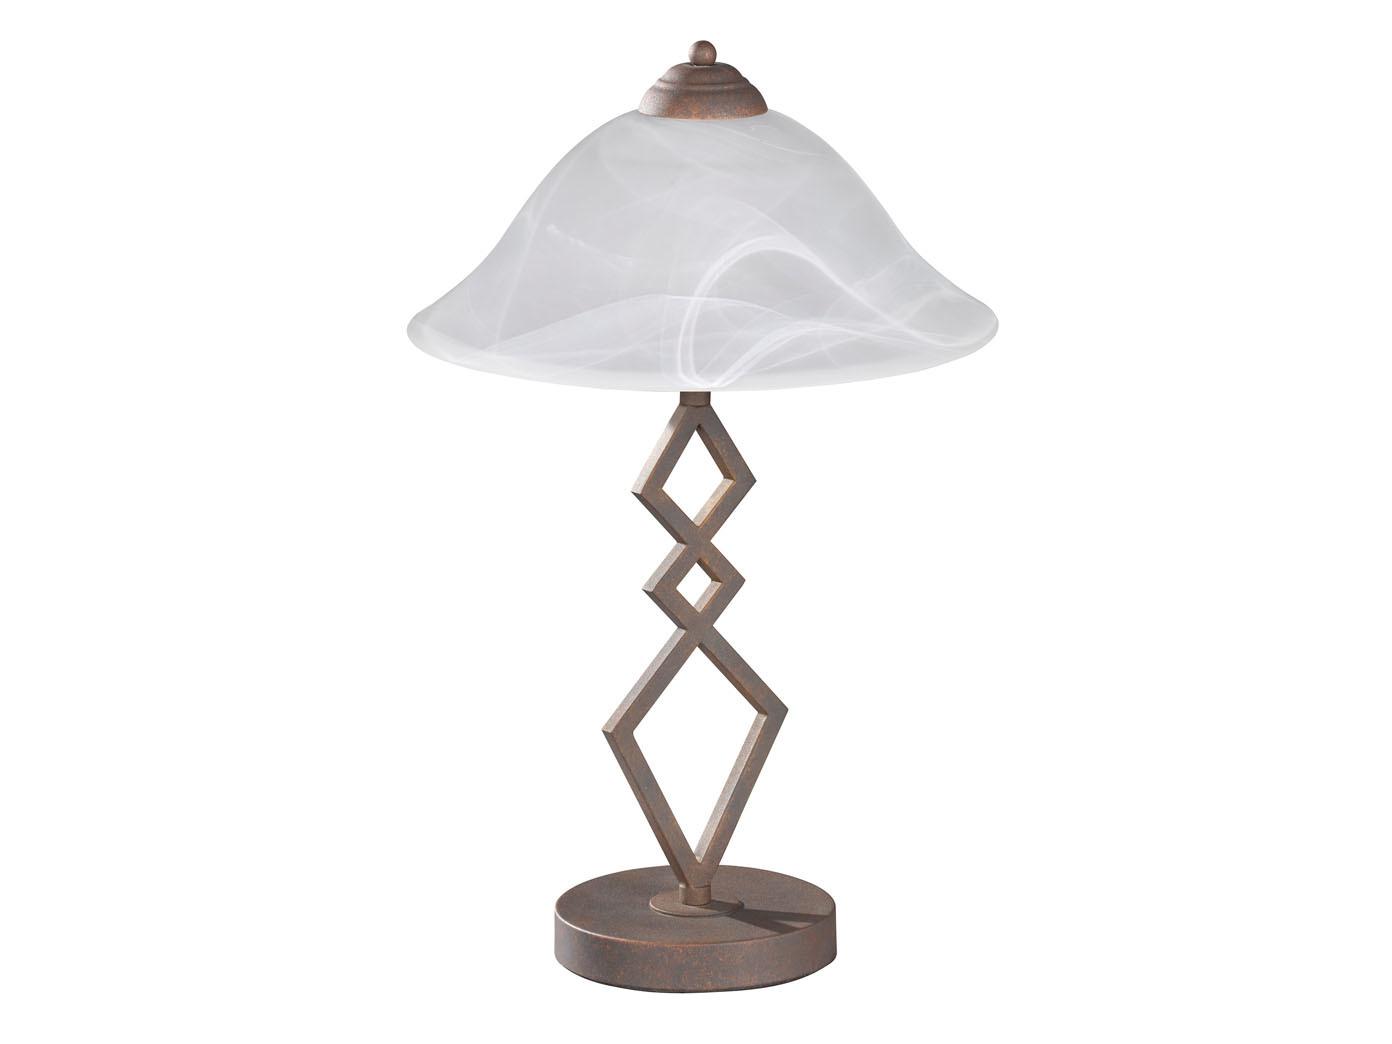 Landhaus Tischleuchte Mit E27 Led Wohnzimmerlampe Antik